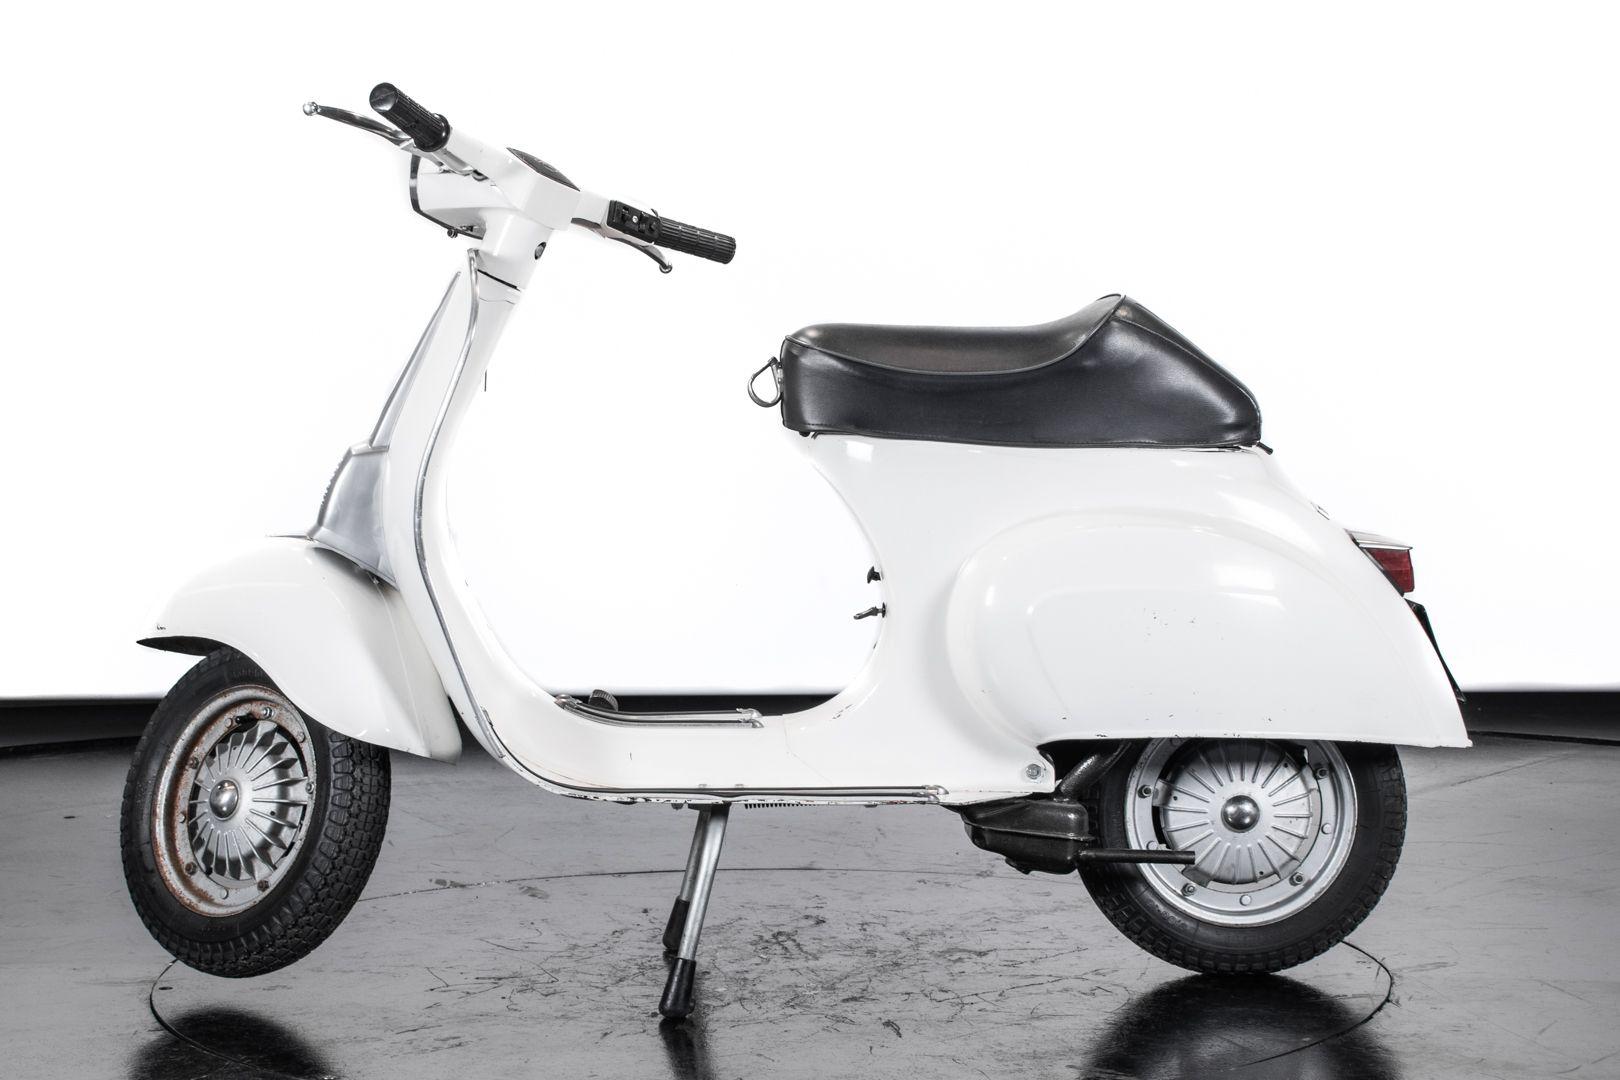 1972 Piaggio Vespa 50 Special 70175